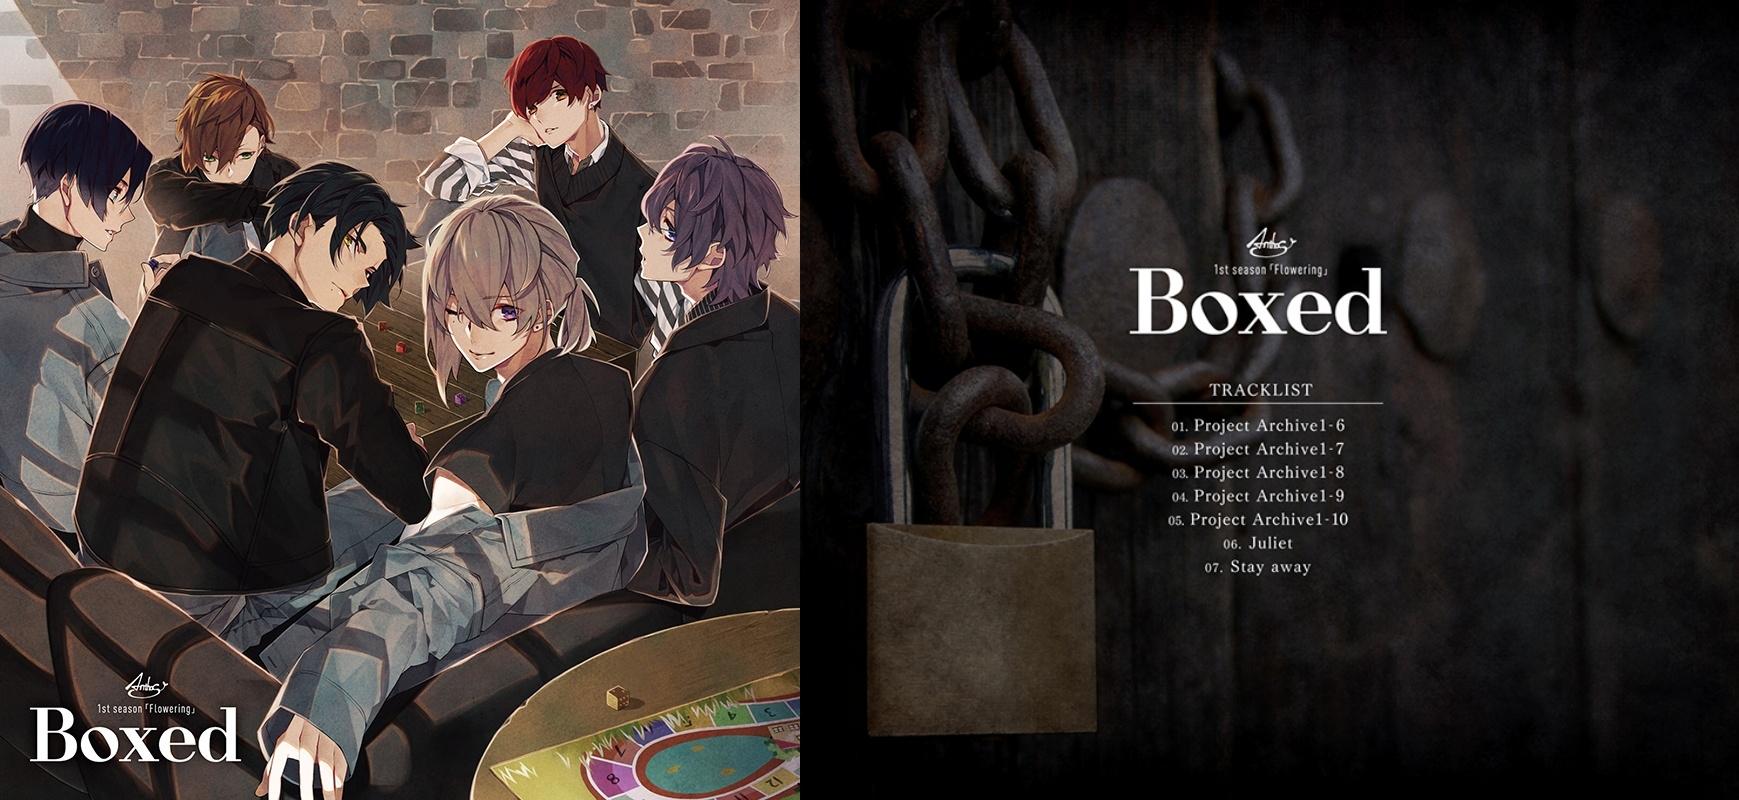 『華Doll*』CD1st シーズン2巻「Boxed」収録楽曲「Stay Away」の視聴動画が解禁!